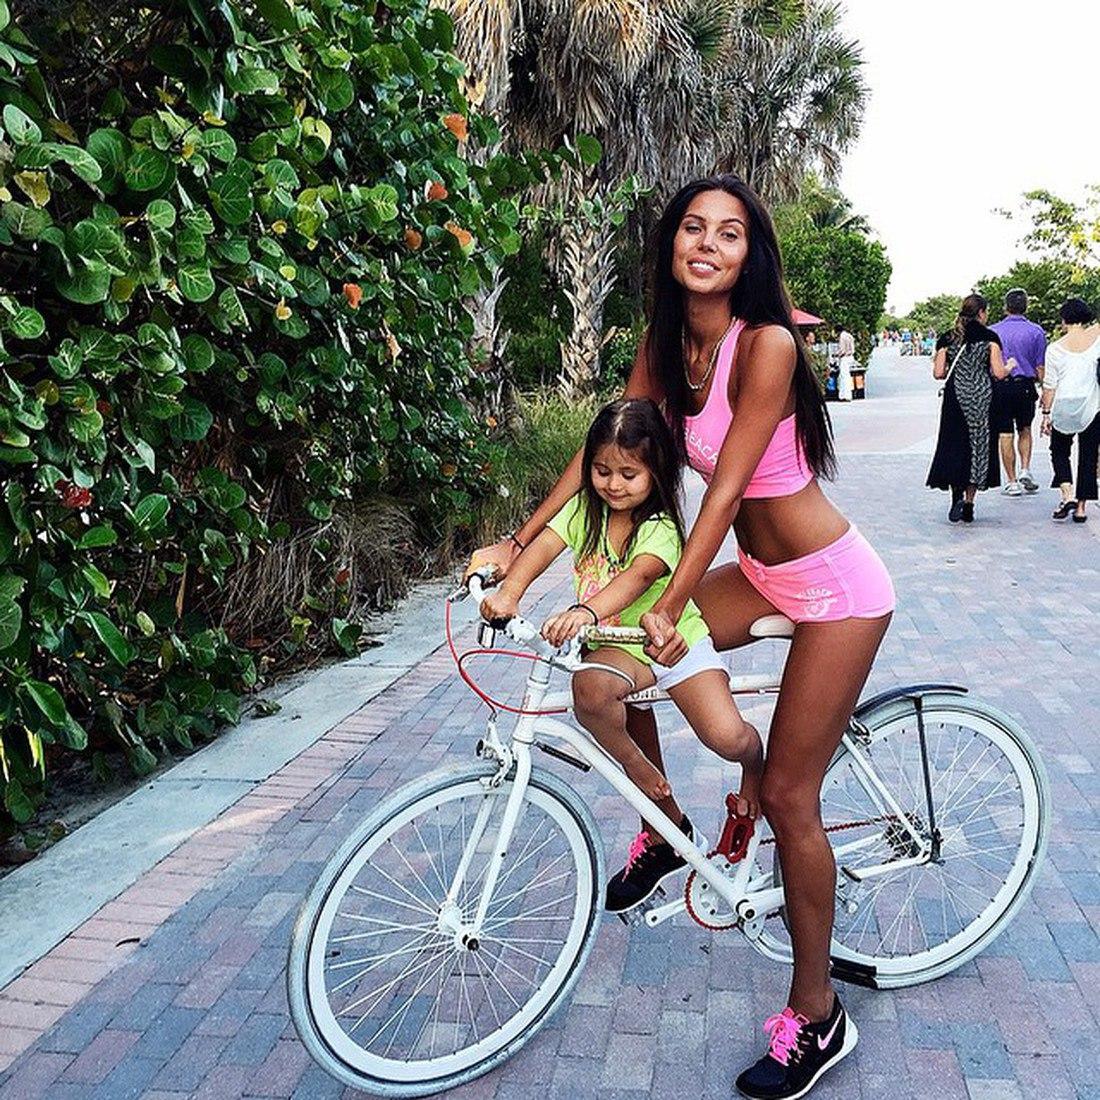 Фото жены на велосипеде 17 фотография